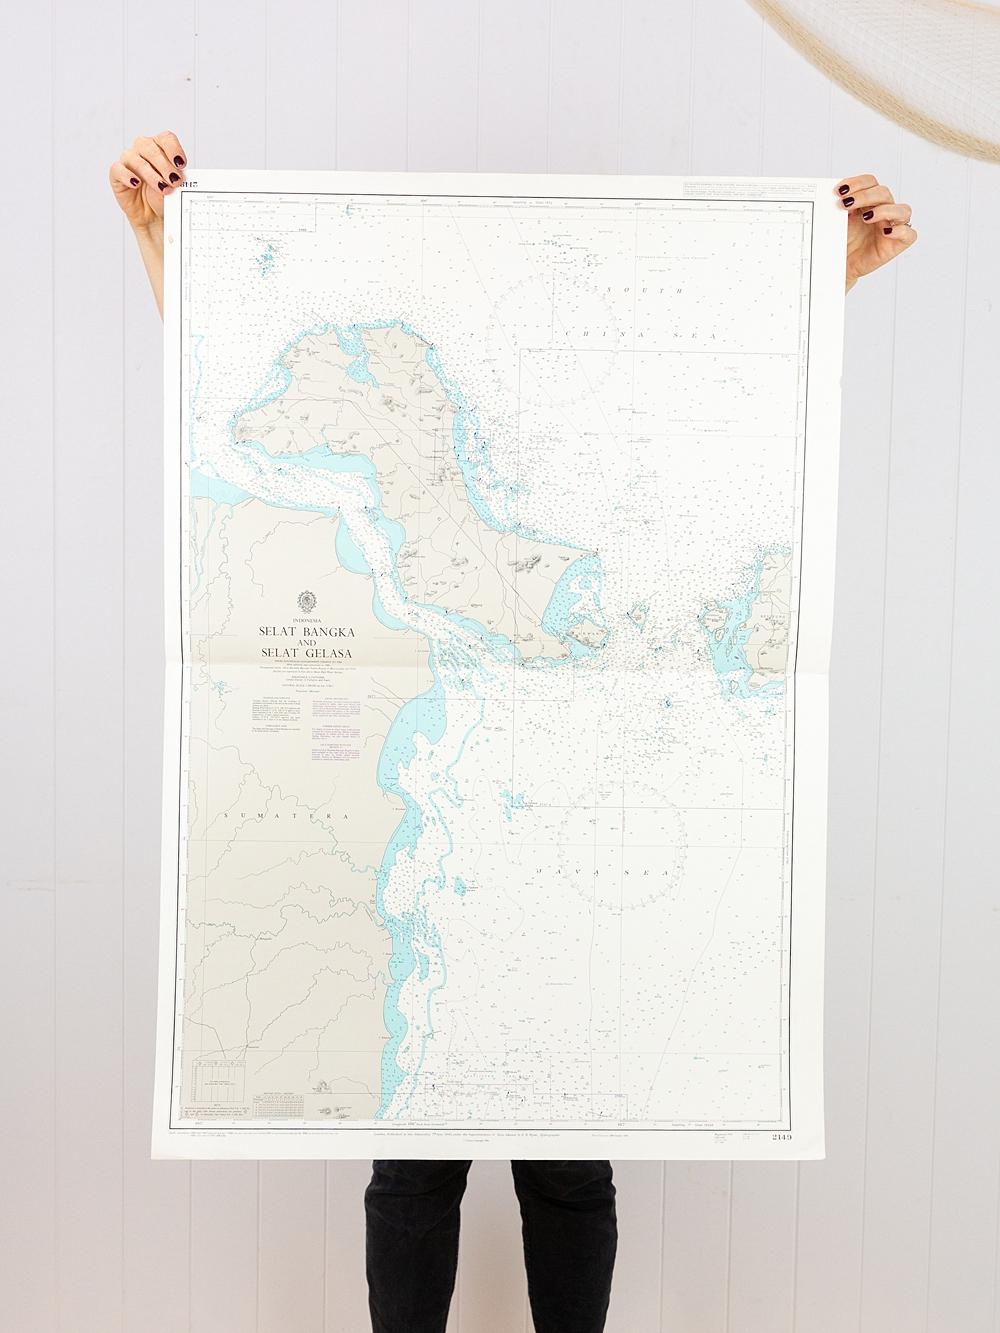 Indonesia - Selat Bangka and Selat Gelasa Chart/Map